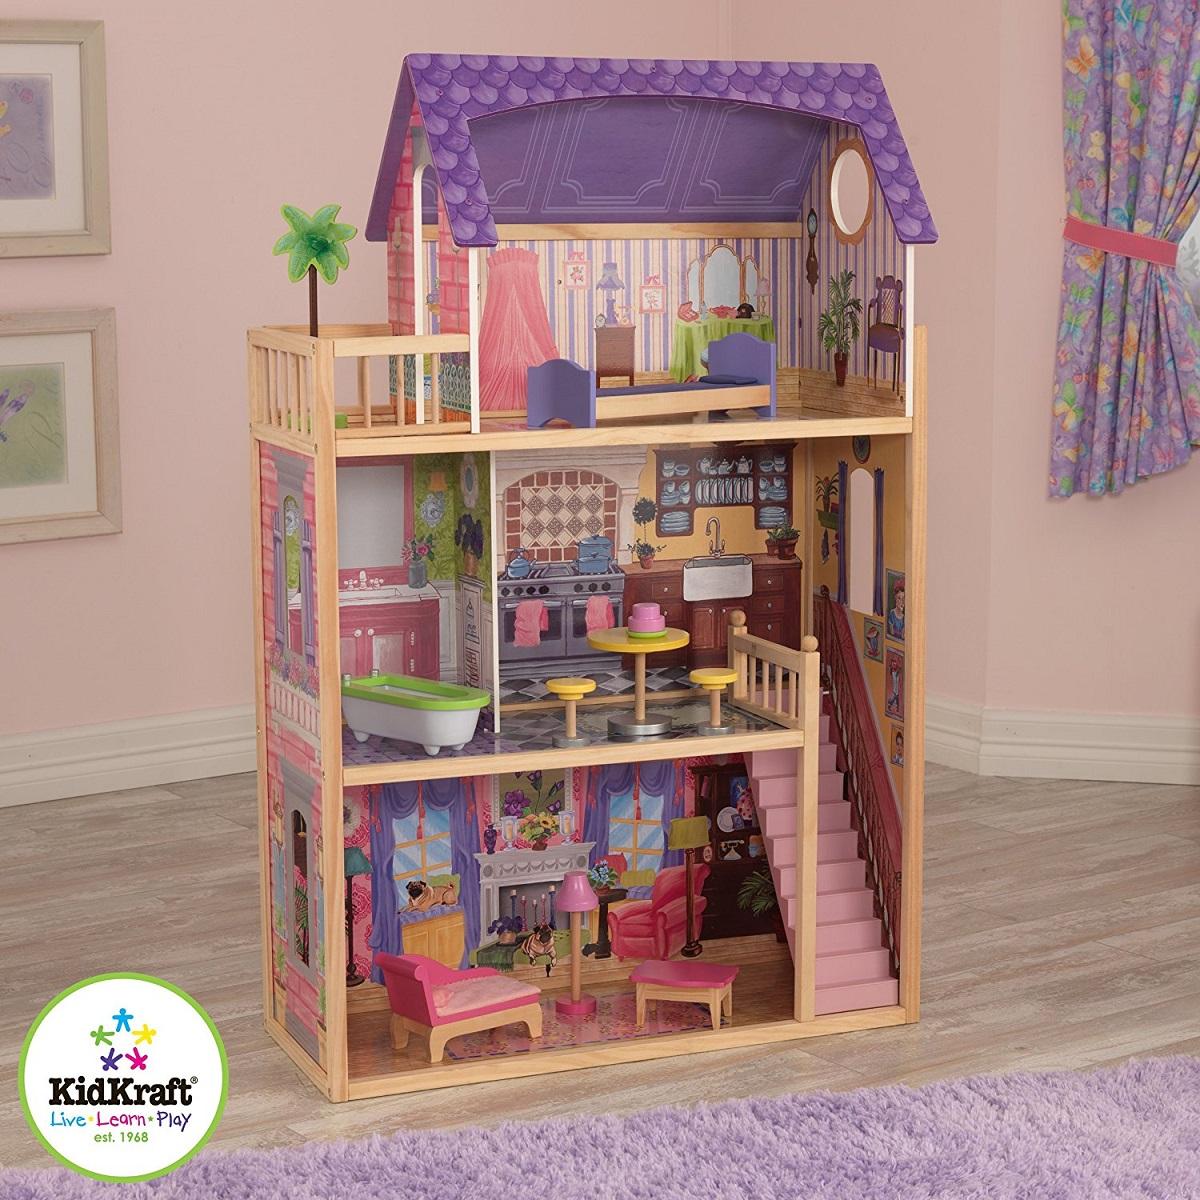 あす楽KidKraft Kayla Dollhouse 木製ケイラドールハウス アメリカ キッドクラフト社製 大型 ドールハウス キッドクラフト バービー人形 リカちゃん おままごと